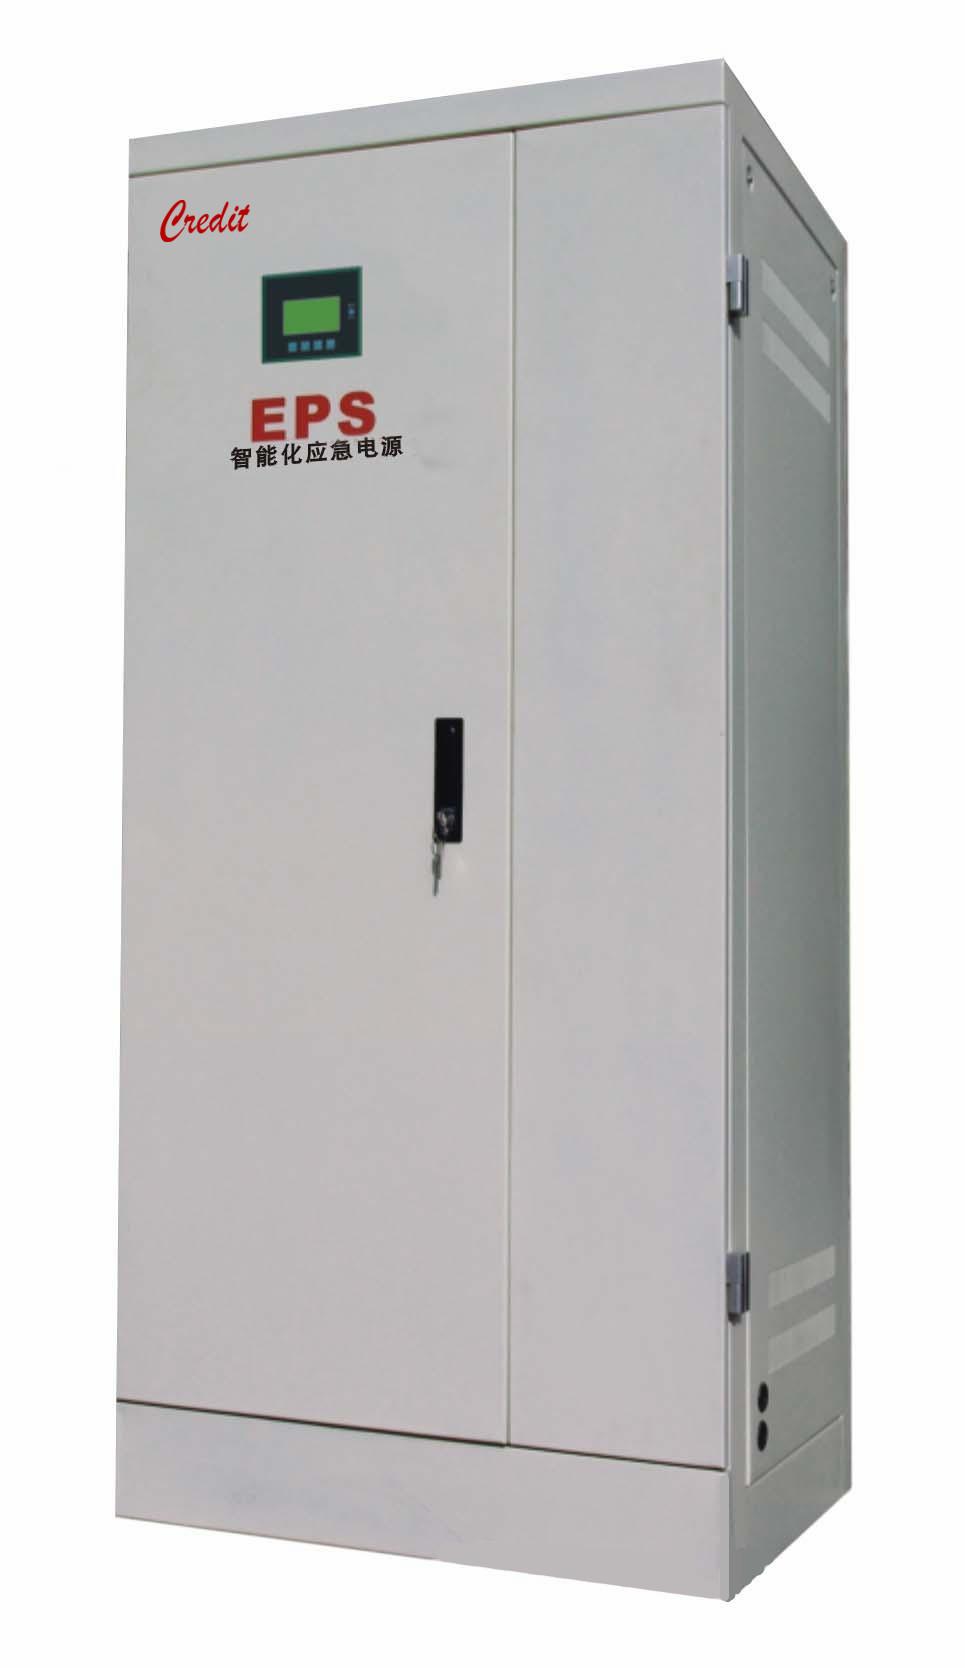 皋兰EPS应急电源-销量好的兰州EPS应急电源生产厂家